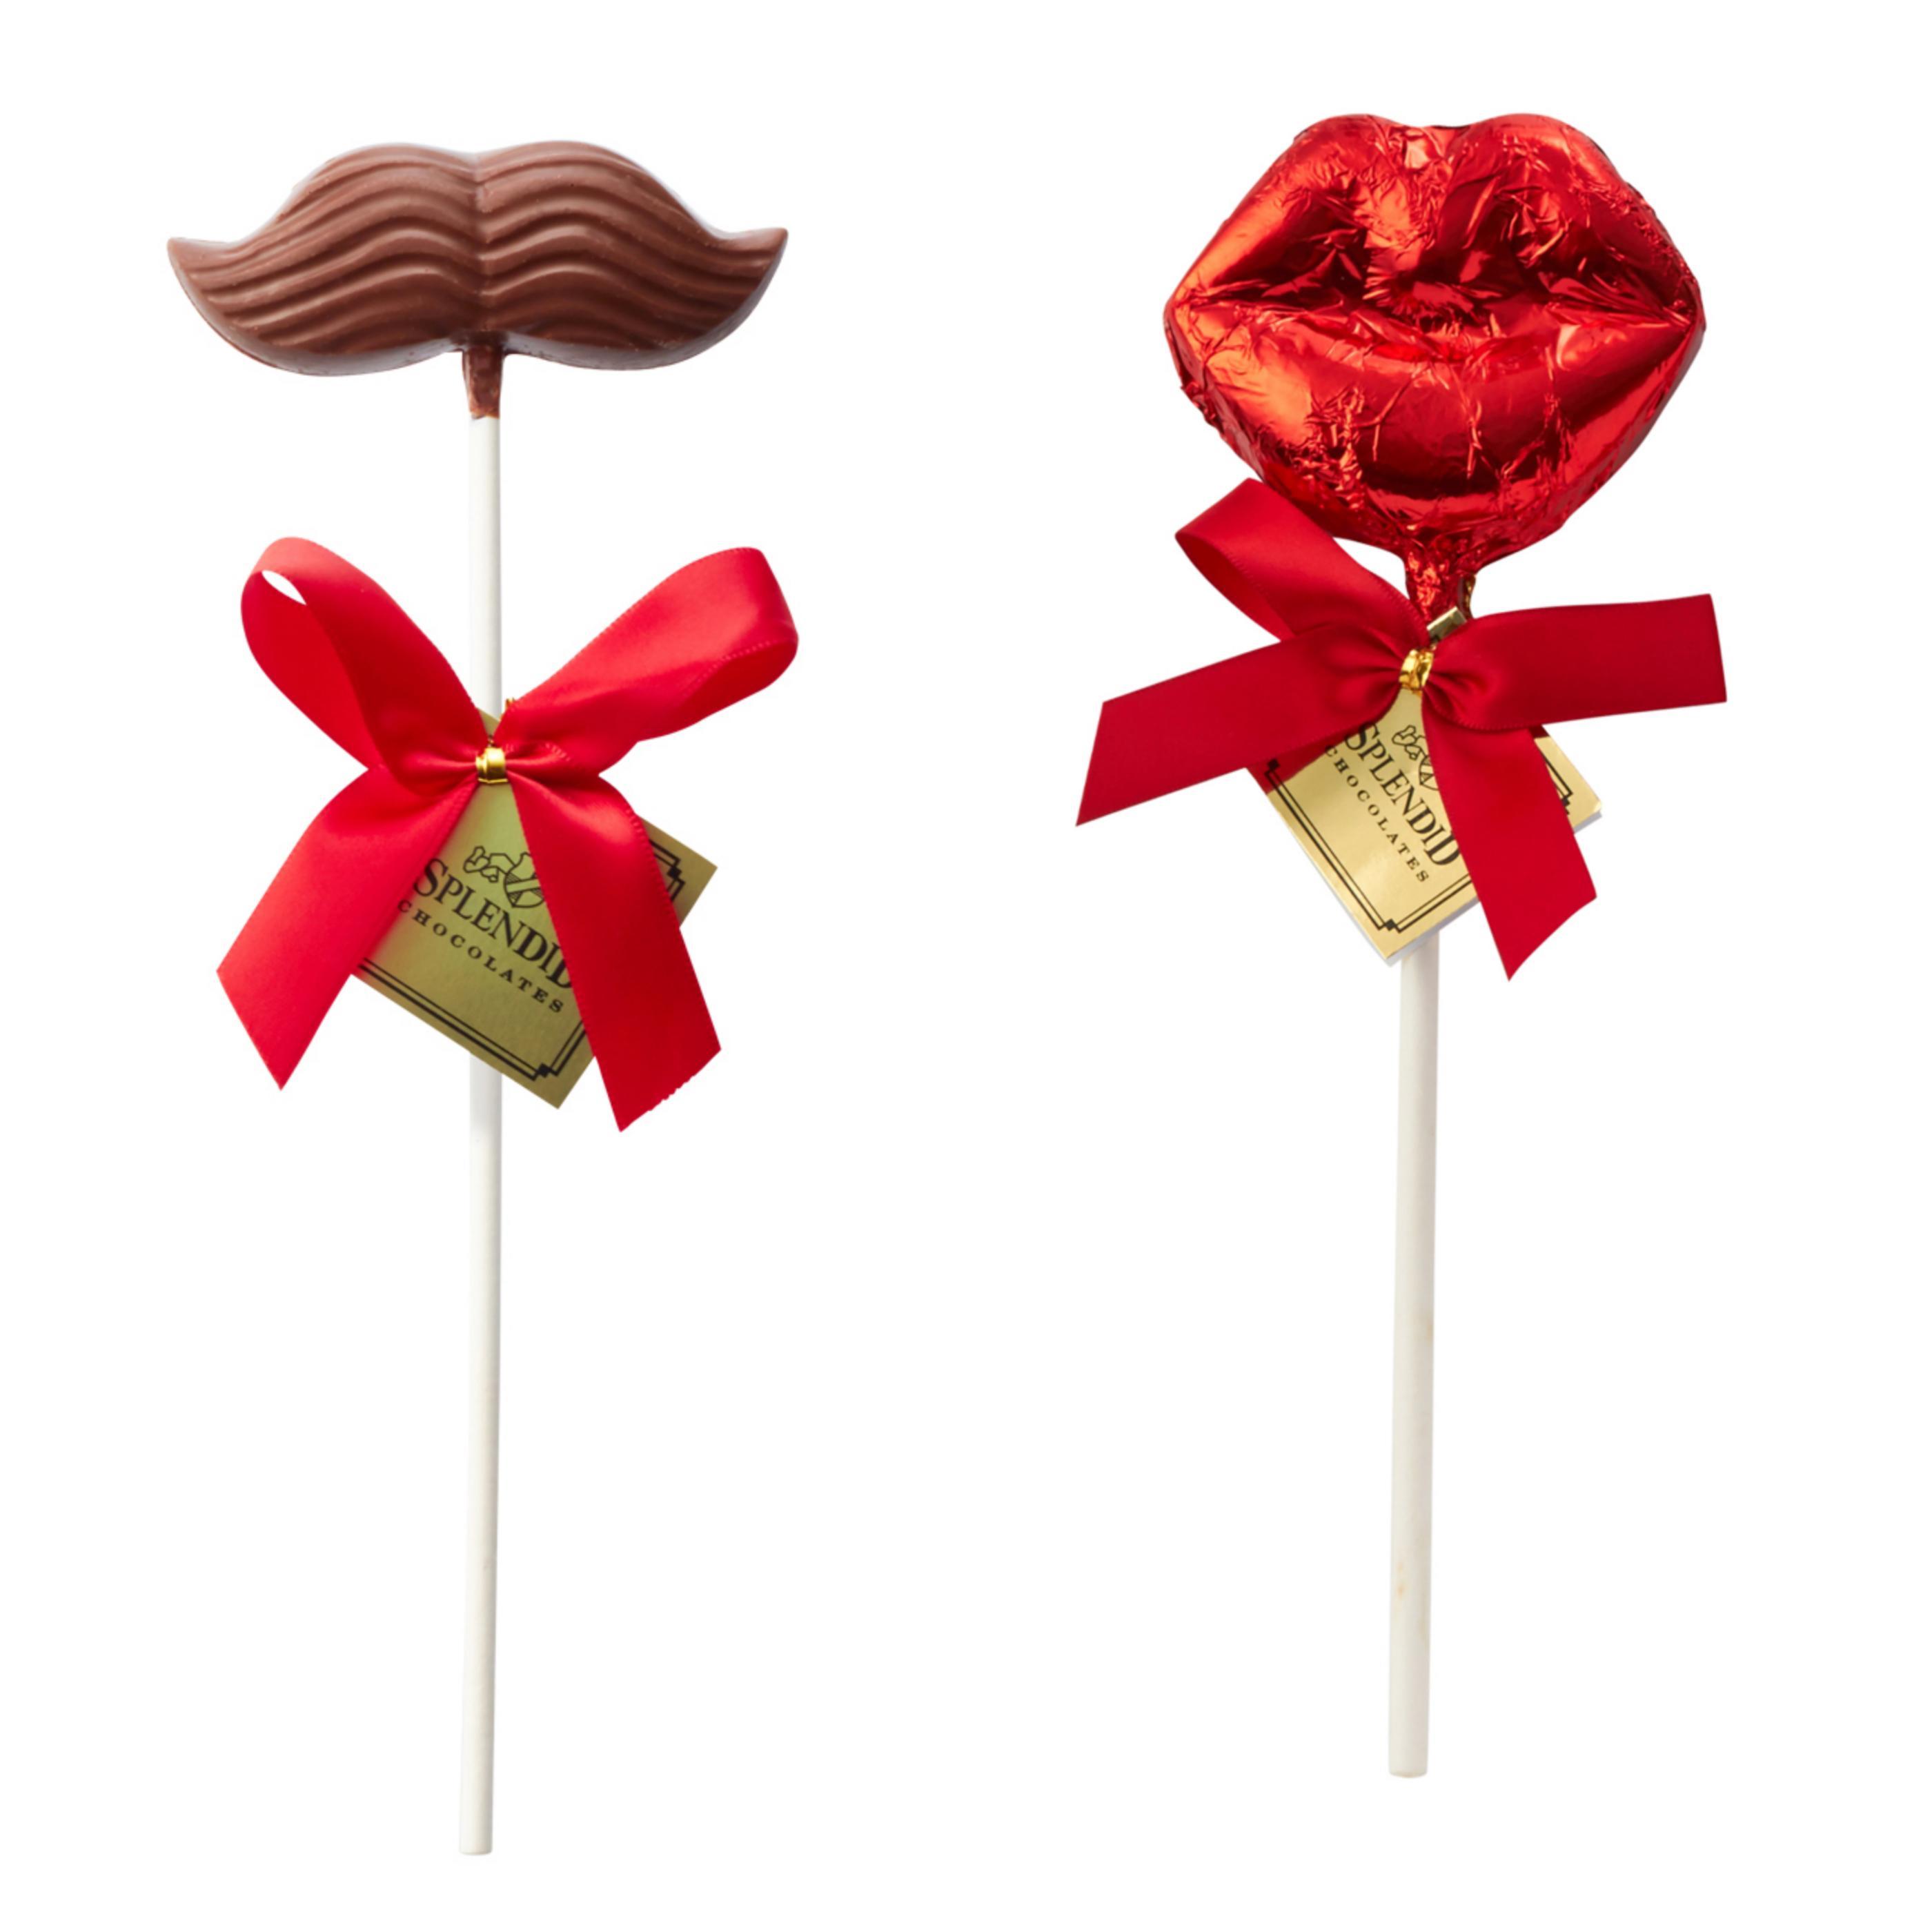 バレンタインのばらまきチョコは『PLAZA』におまかせ☆_1